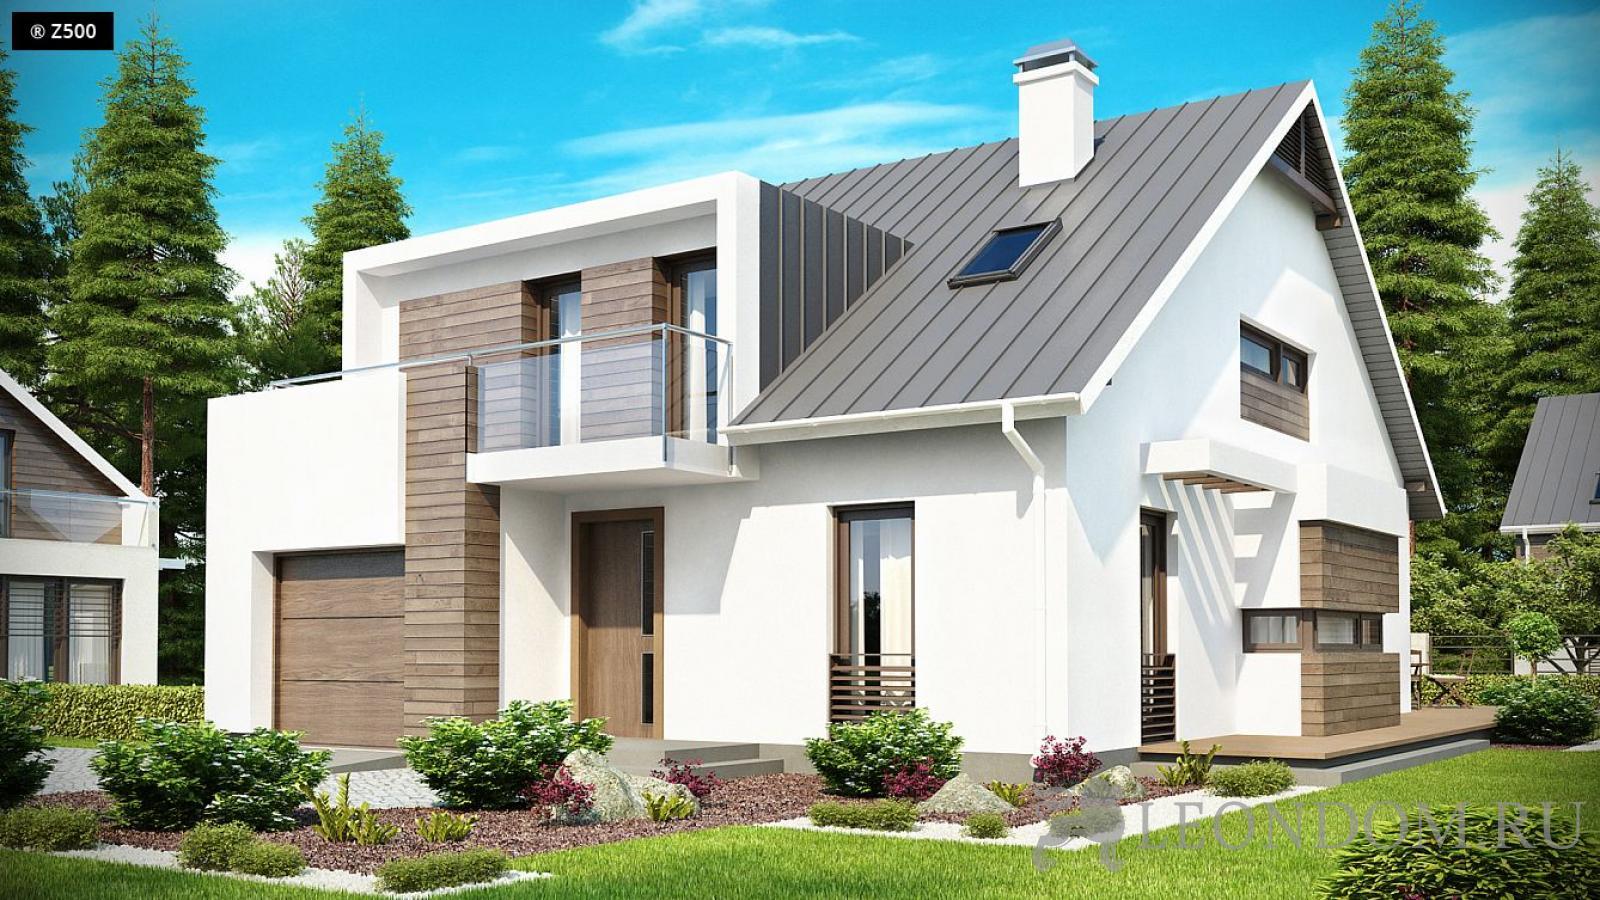 Проекты одноэтажных домов из пеноблоков до 100 кв м в караганде, коттеджи с цокольным этажом и гаражом из газобетона